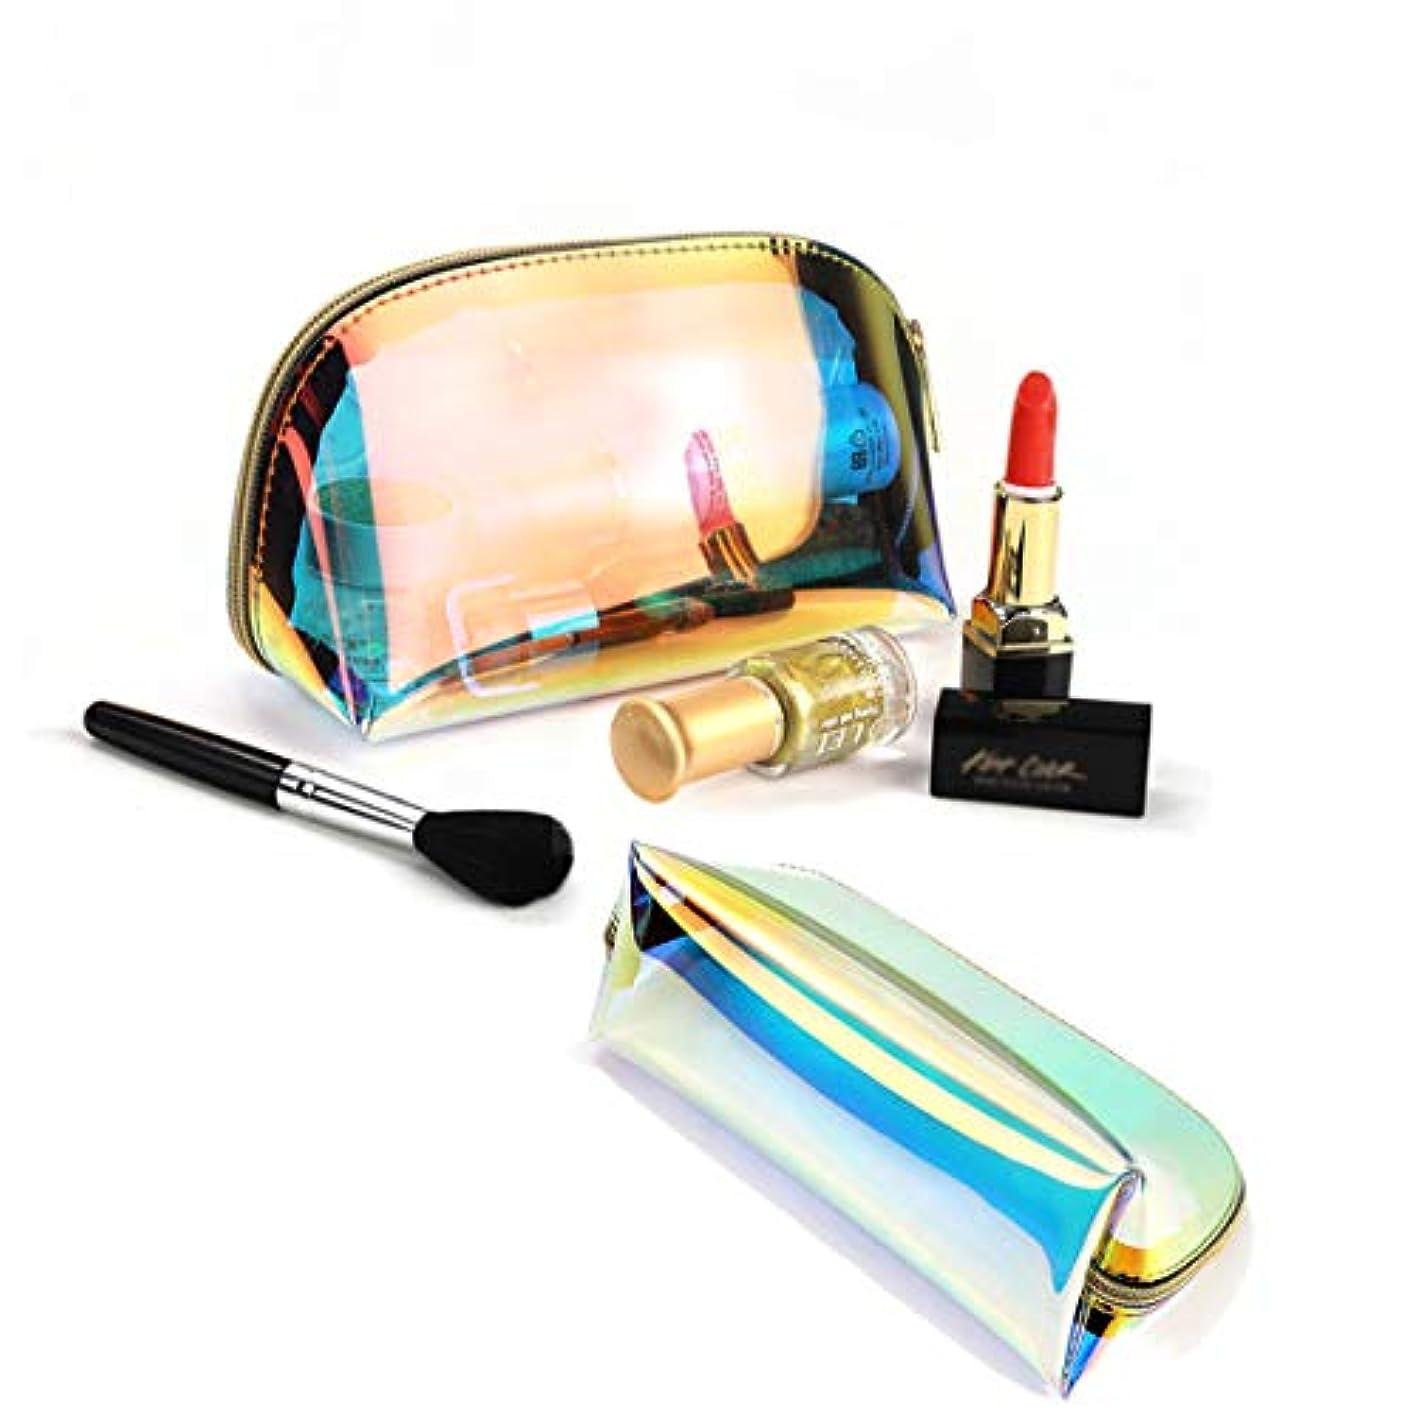 石鹸肝同時BUBM化粧ポーチ がま口 化粧品収納ボックス メイクポーチ防水透明メッシュ温泉、ビーチサイド旅行、出張 (SMALL)